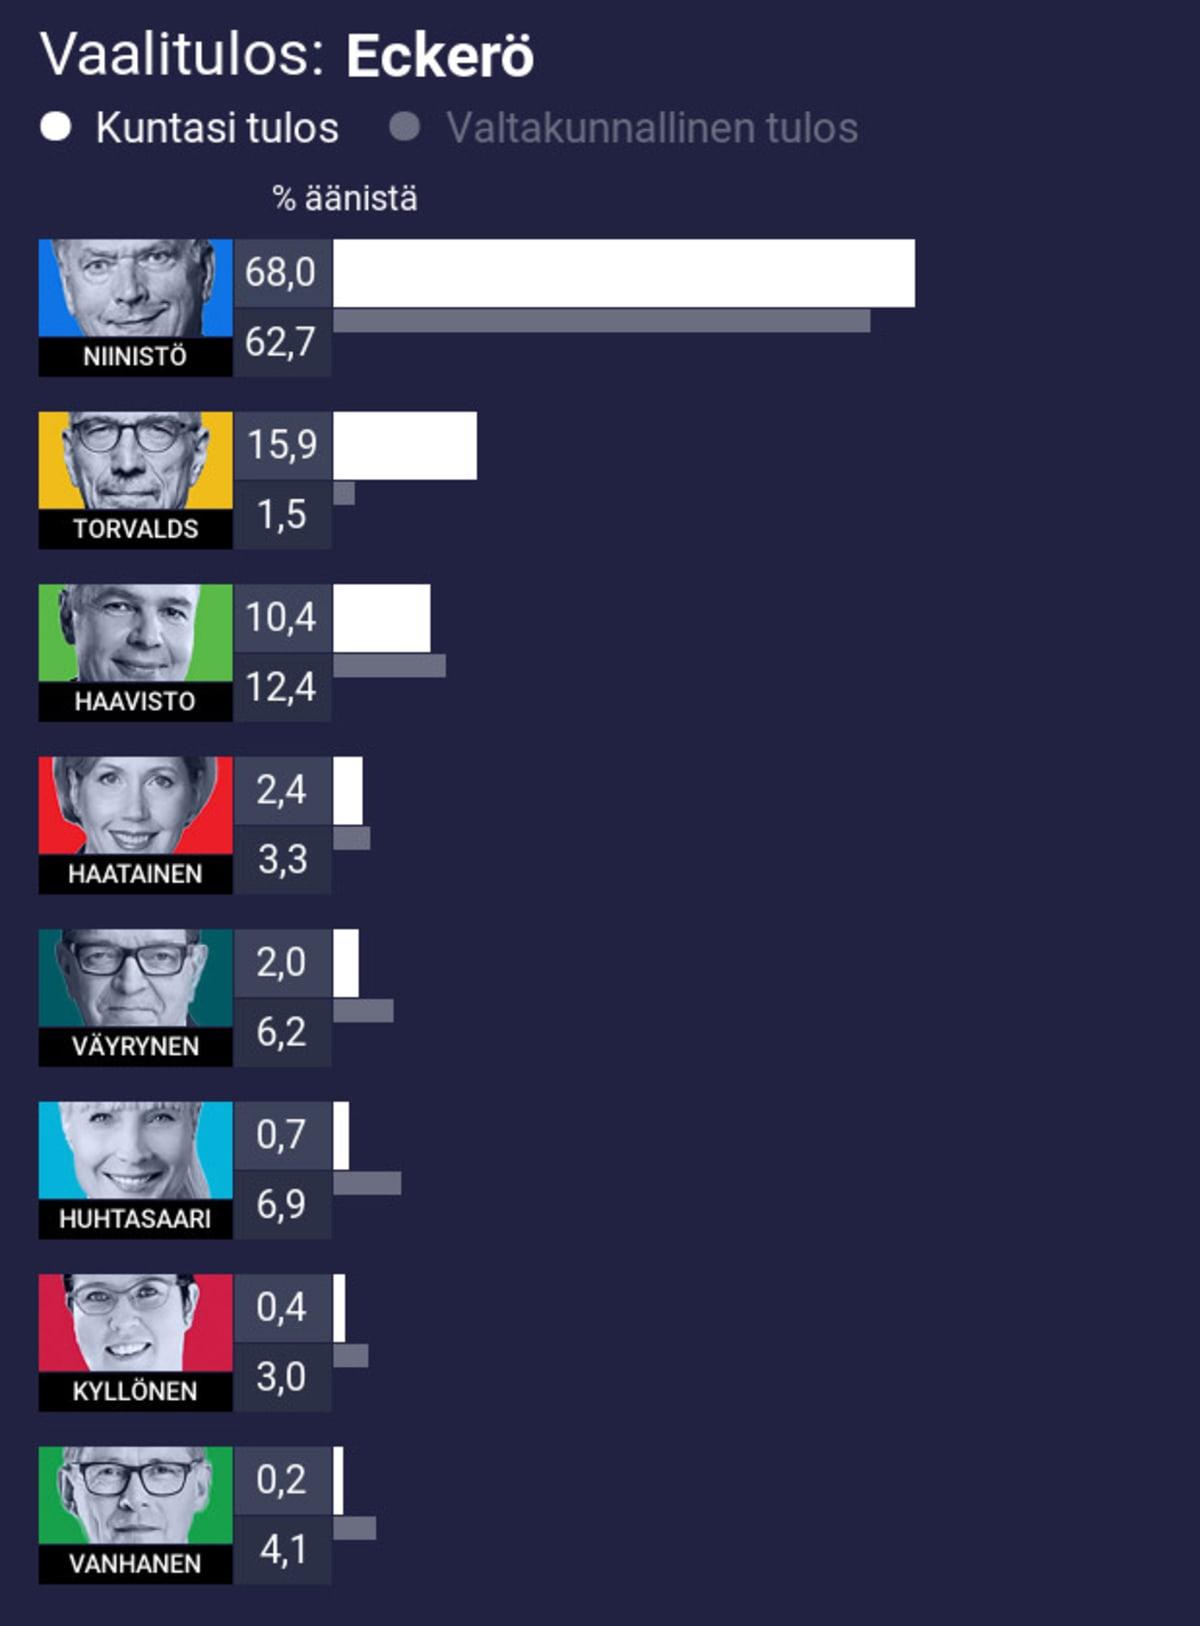 Vaalitulos: Eckerö 1. Niinistö 68,0% (koko maan 62,7%) 2. Torvalds 15,9% (koko maan 1,5%) 3. Haavisto 10,4% (koko maan 12,4%) 4. Haatainen 2,4% (koko maan 3,3%) 5. Väyrynen 2,0% (koko maan 6,2%) 6. Huhtasaari 0,7% (koko maan 6,9%) 7. Kyllönen 0,4% (koko maan 3,0%) 8. Vanhanen 0,2% (koko maan 4,1%)